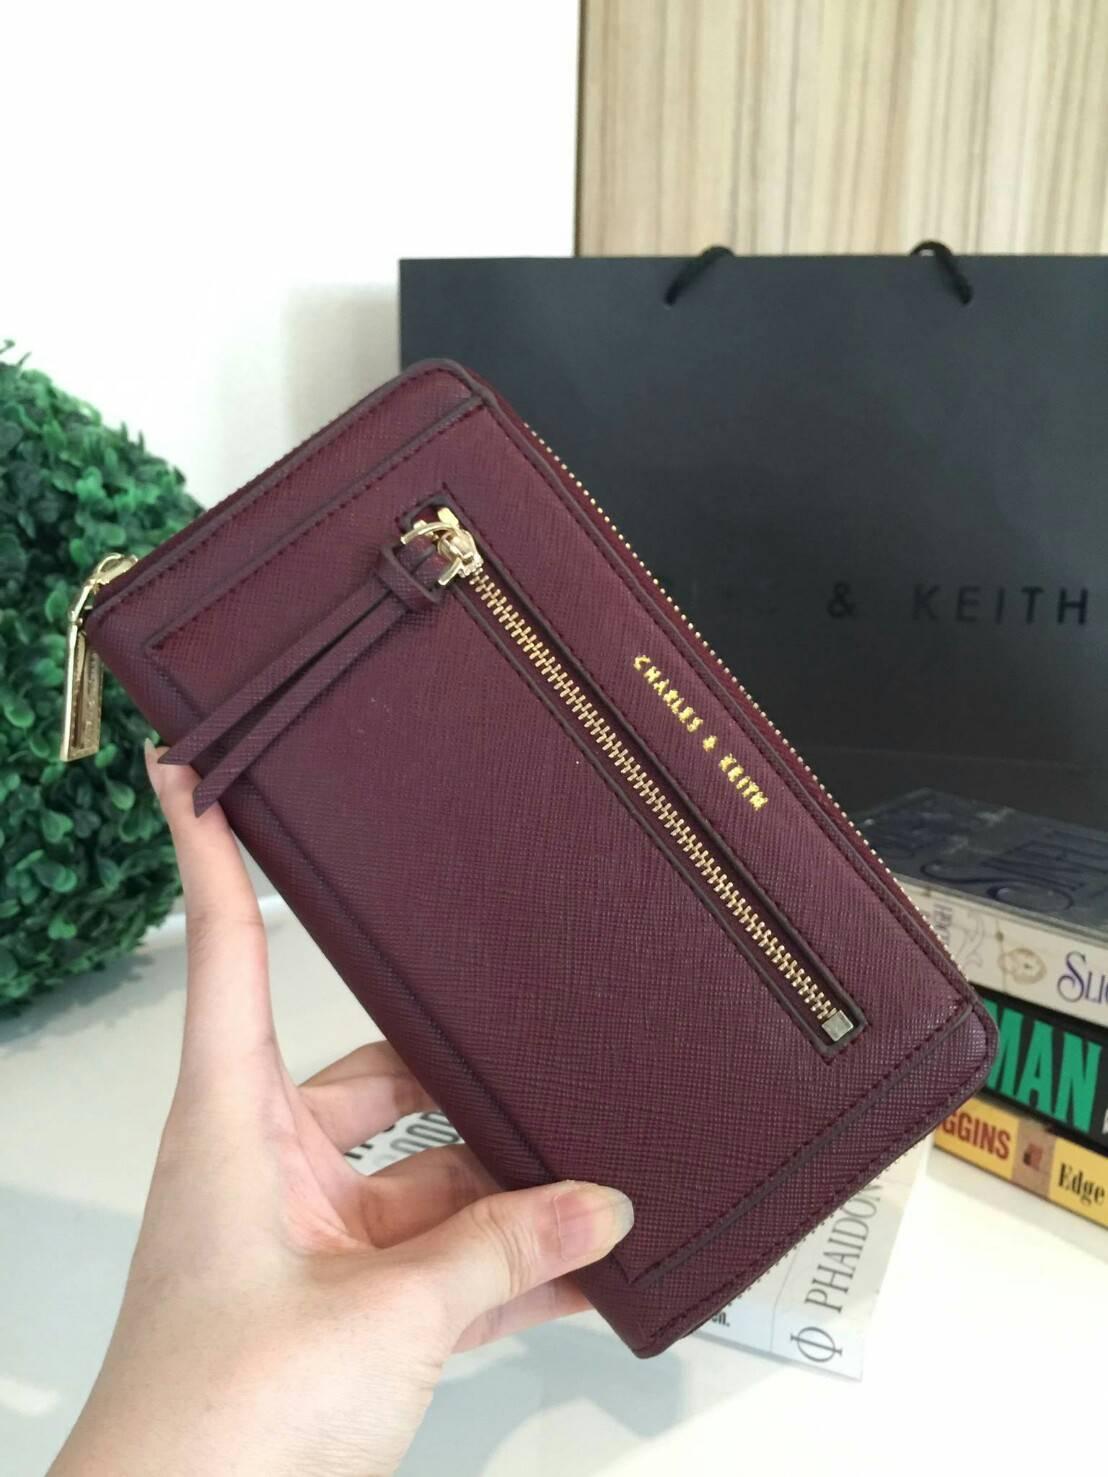 กระเป๋าสตางค์ Charle & Keith Front Zip Detail Wallet สีแดง ราคา 1,090 บาท Free Ems